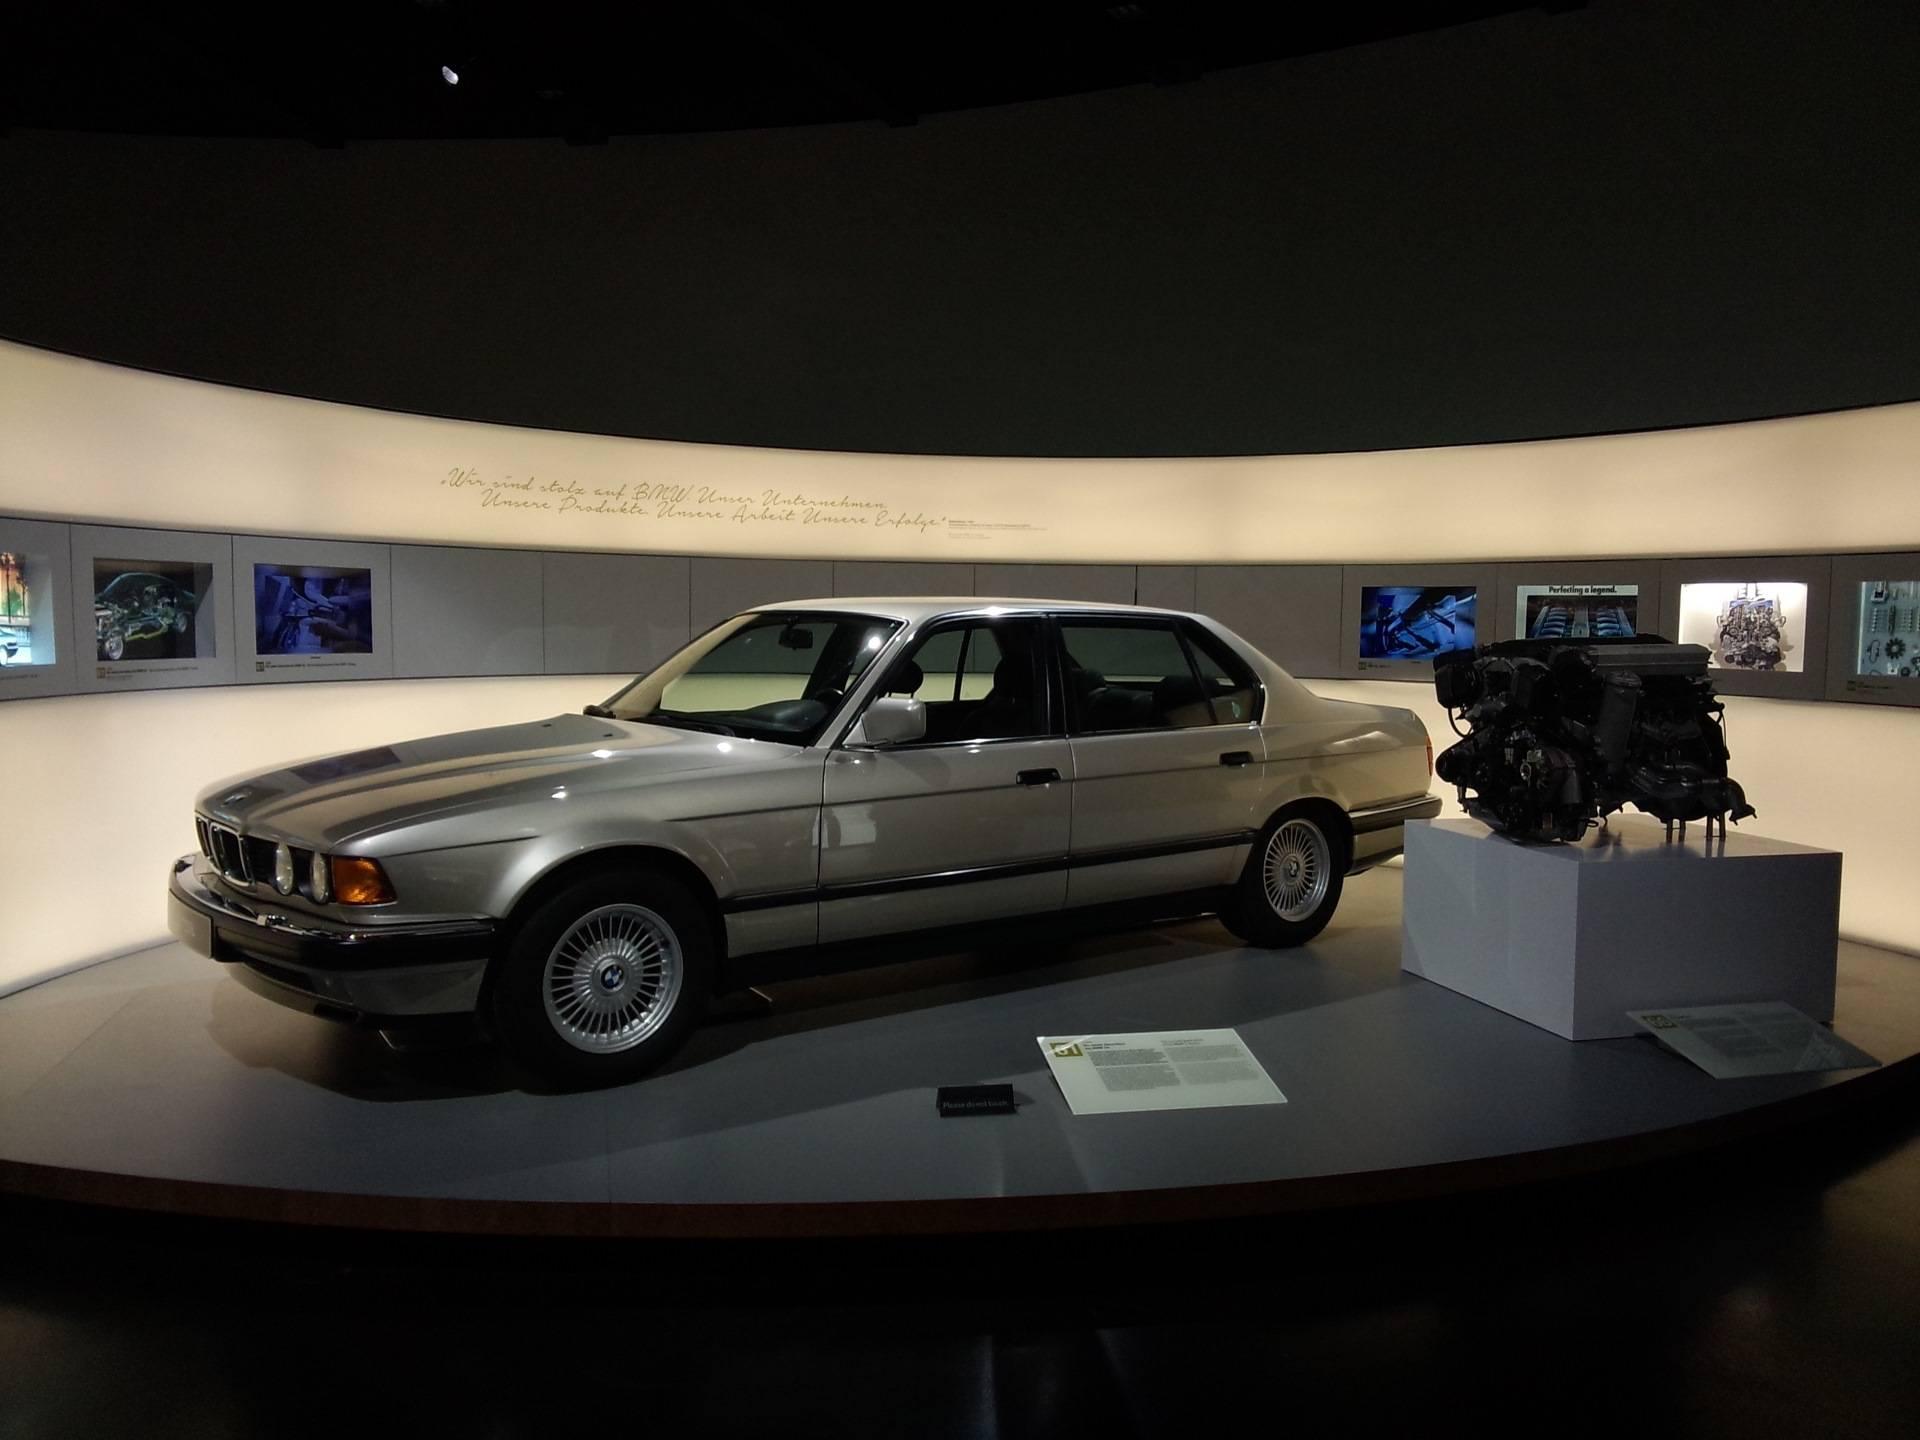 Музей бмв в мюнхене. музеи мюнхена. музей бмв в мюнхене, фото